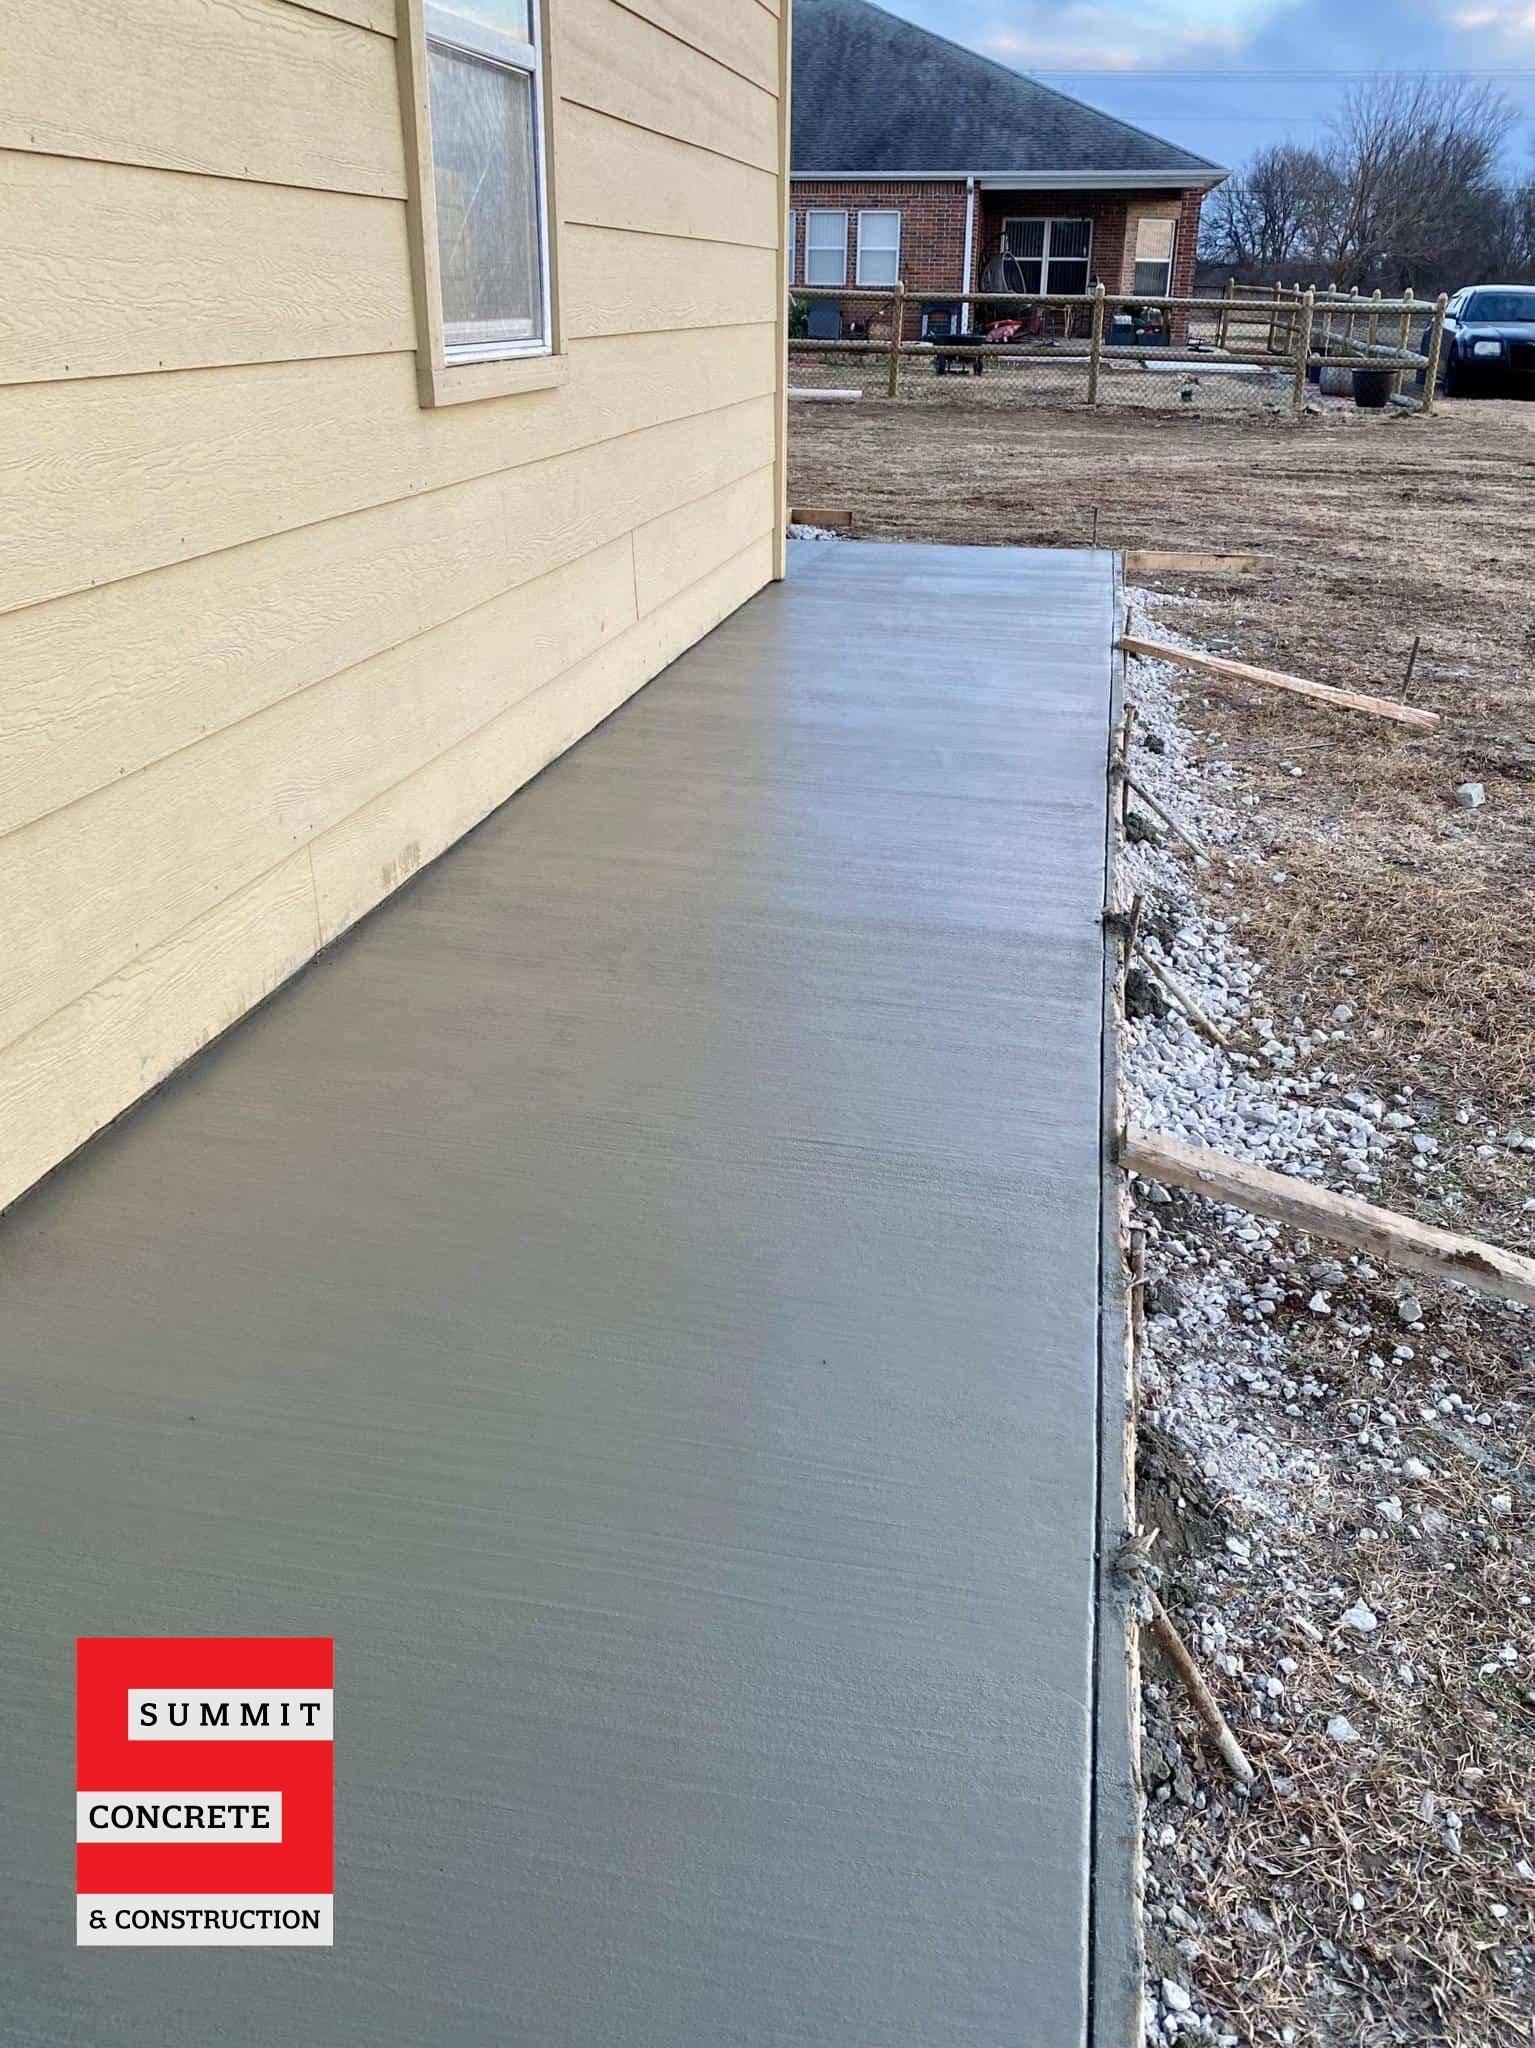 2020 12 28 Tulsa concrete sidewalk IMG 7673 scaled